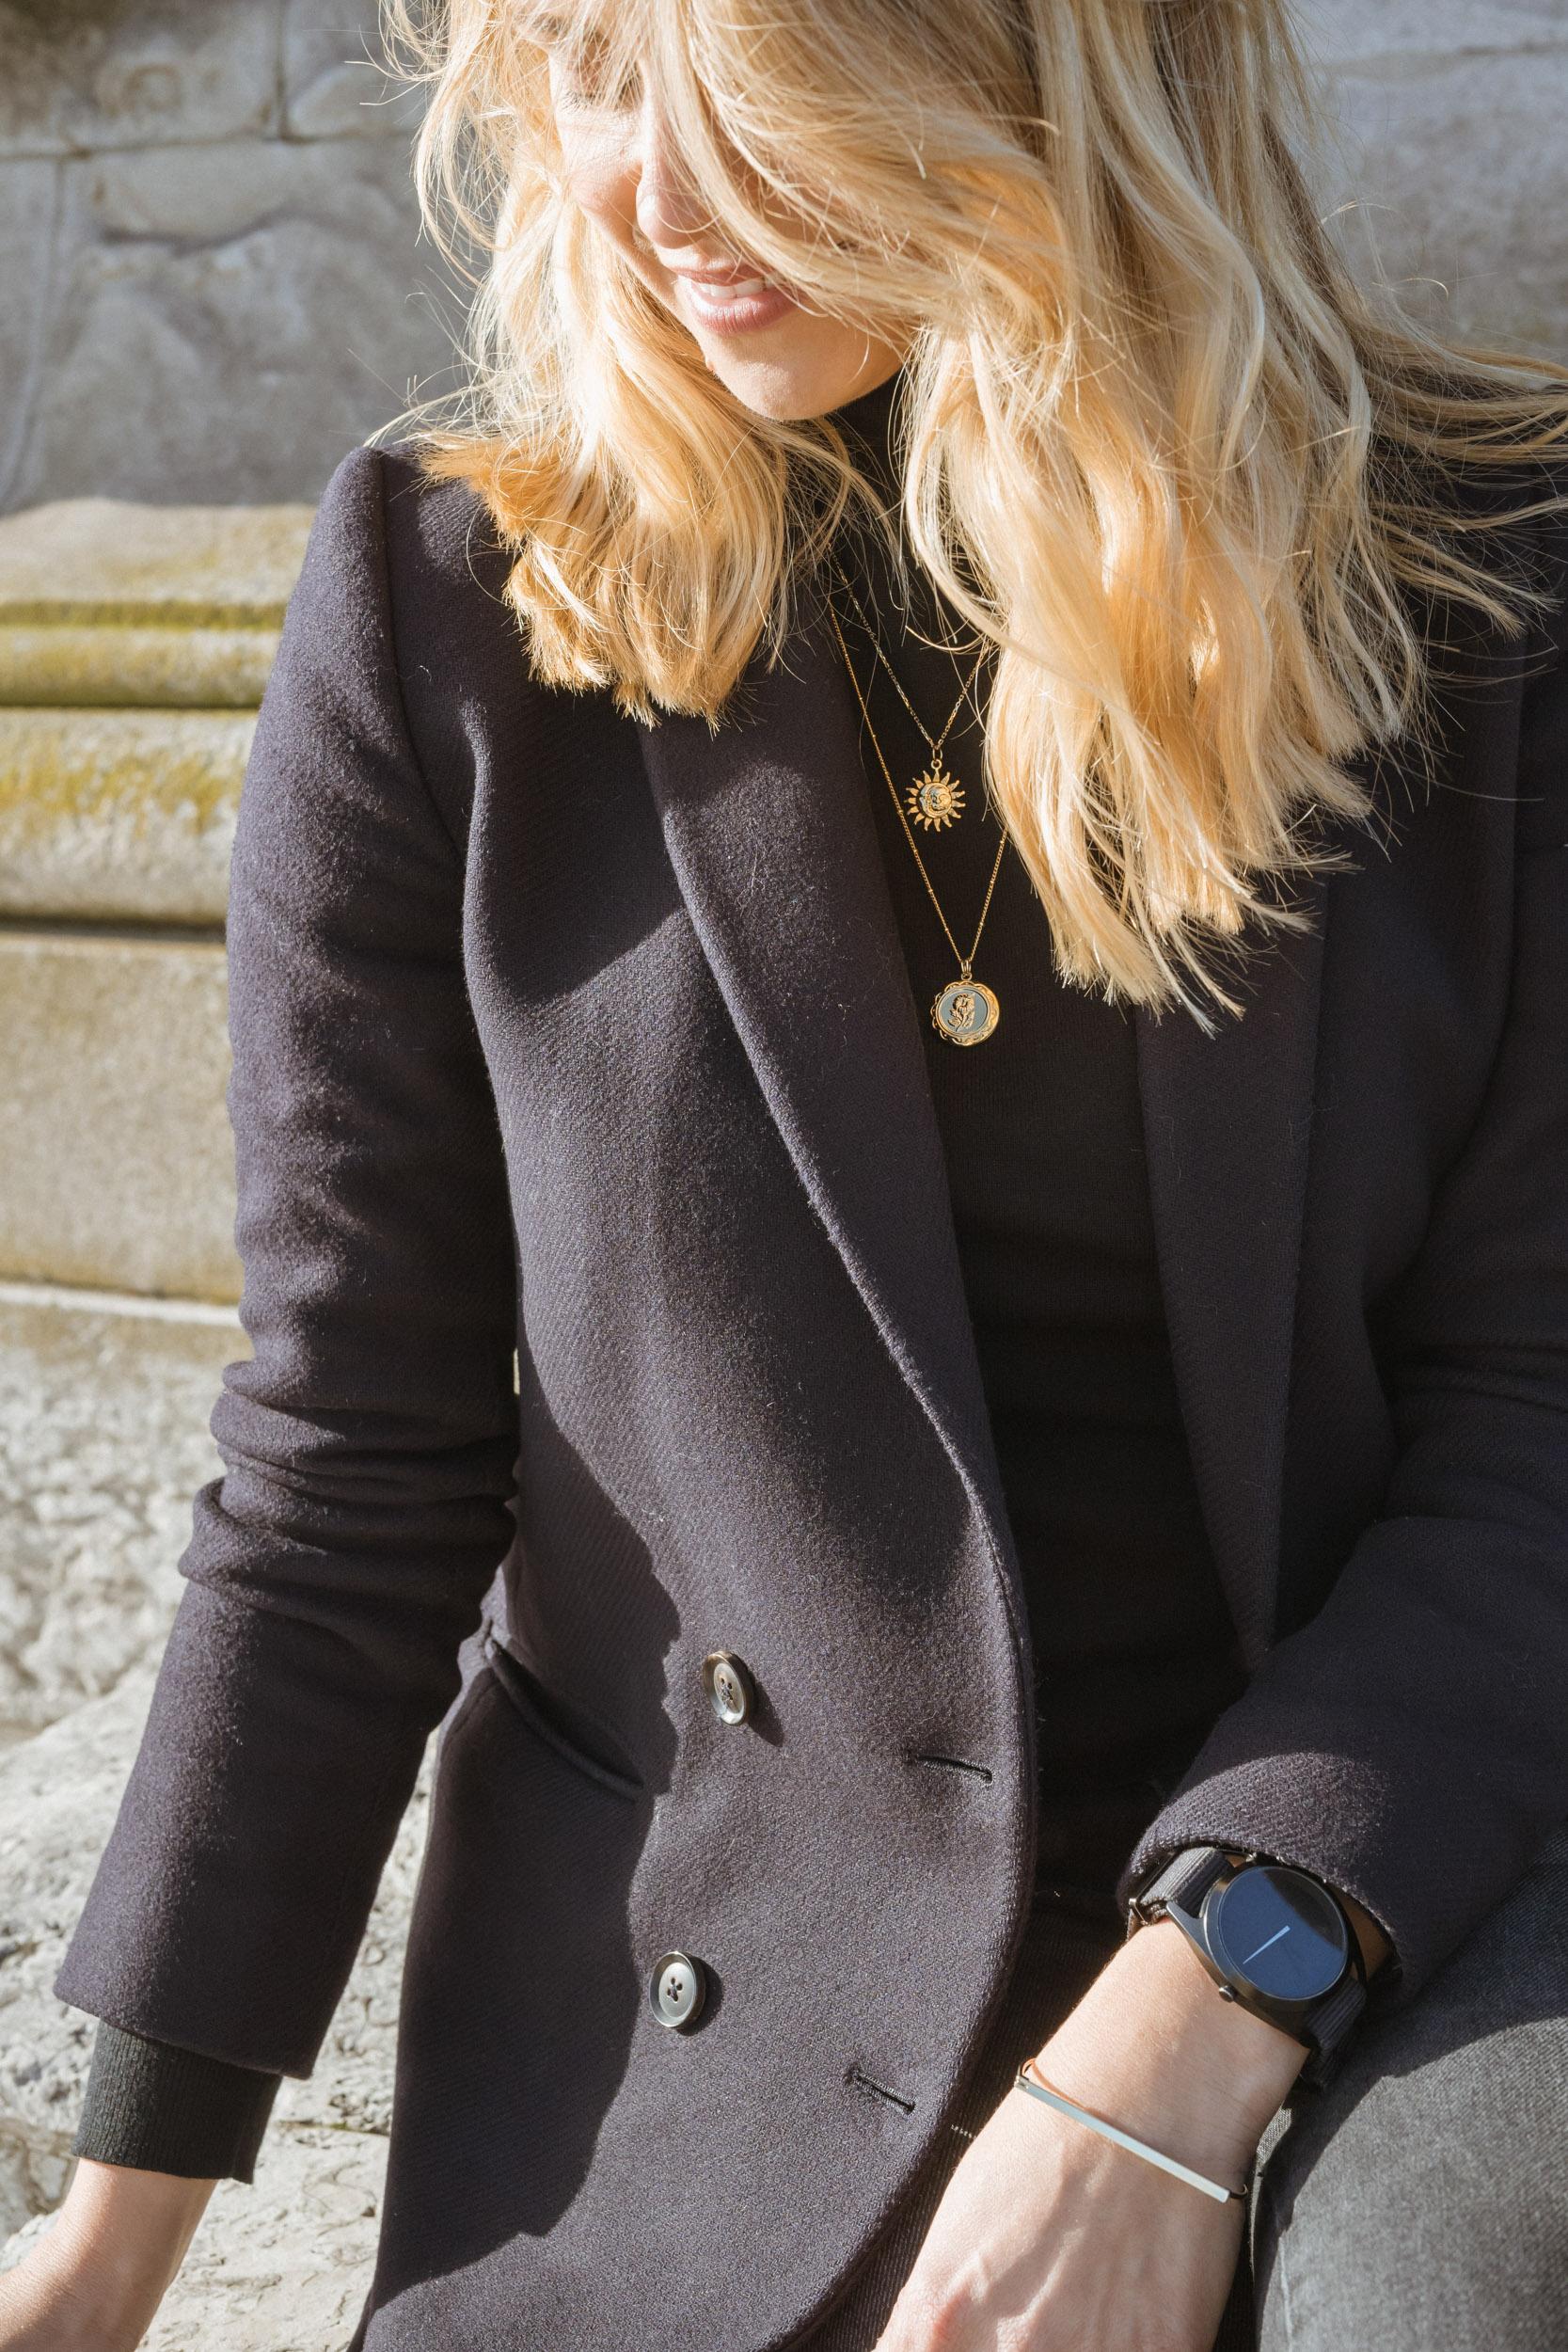 IheartParisfr Paris Photographer Federico Guendel artisan guide Arietis Jewelry Elena-22.jpg